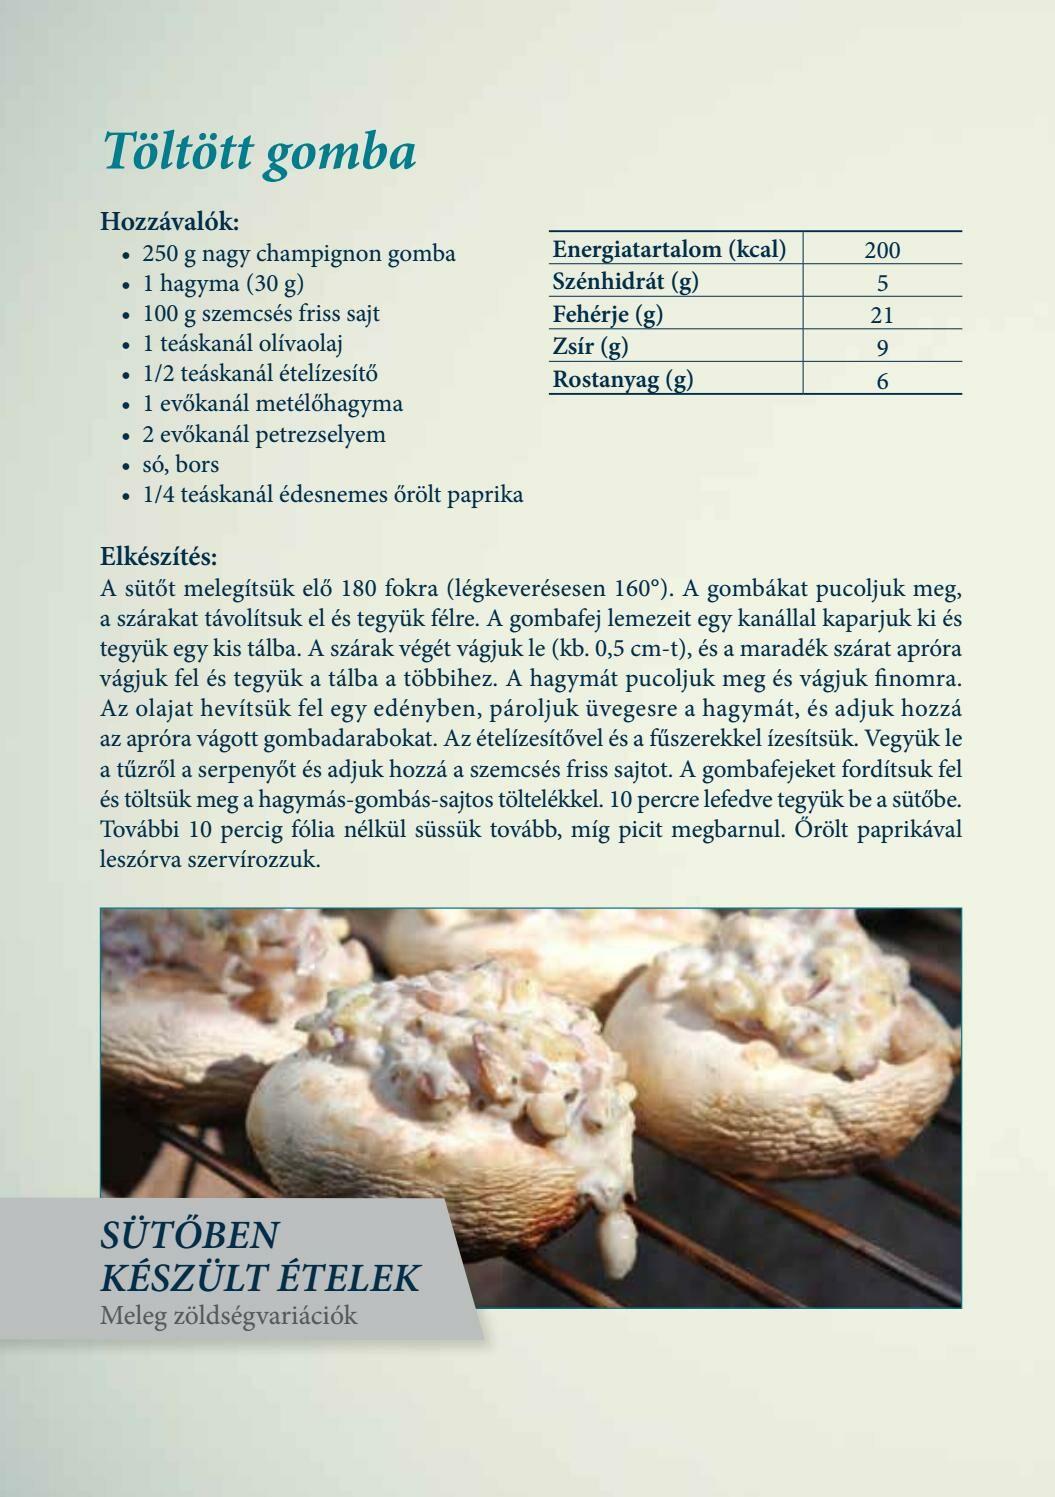 Diétás receptek - Töltött gomba - jópatikus